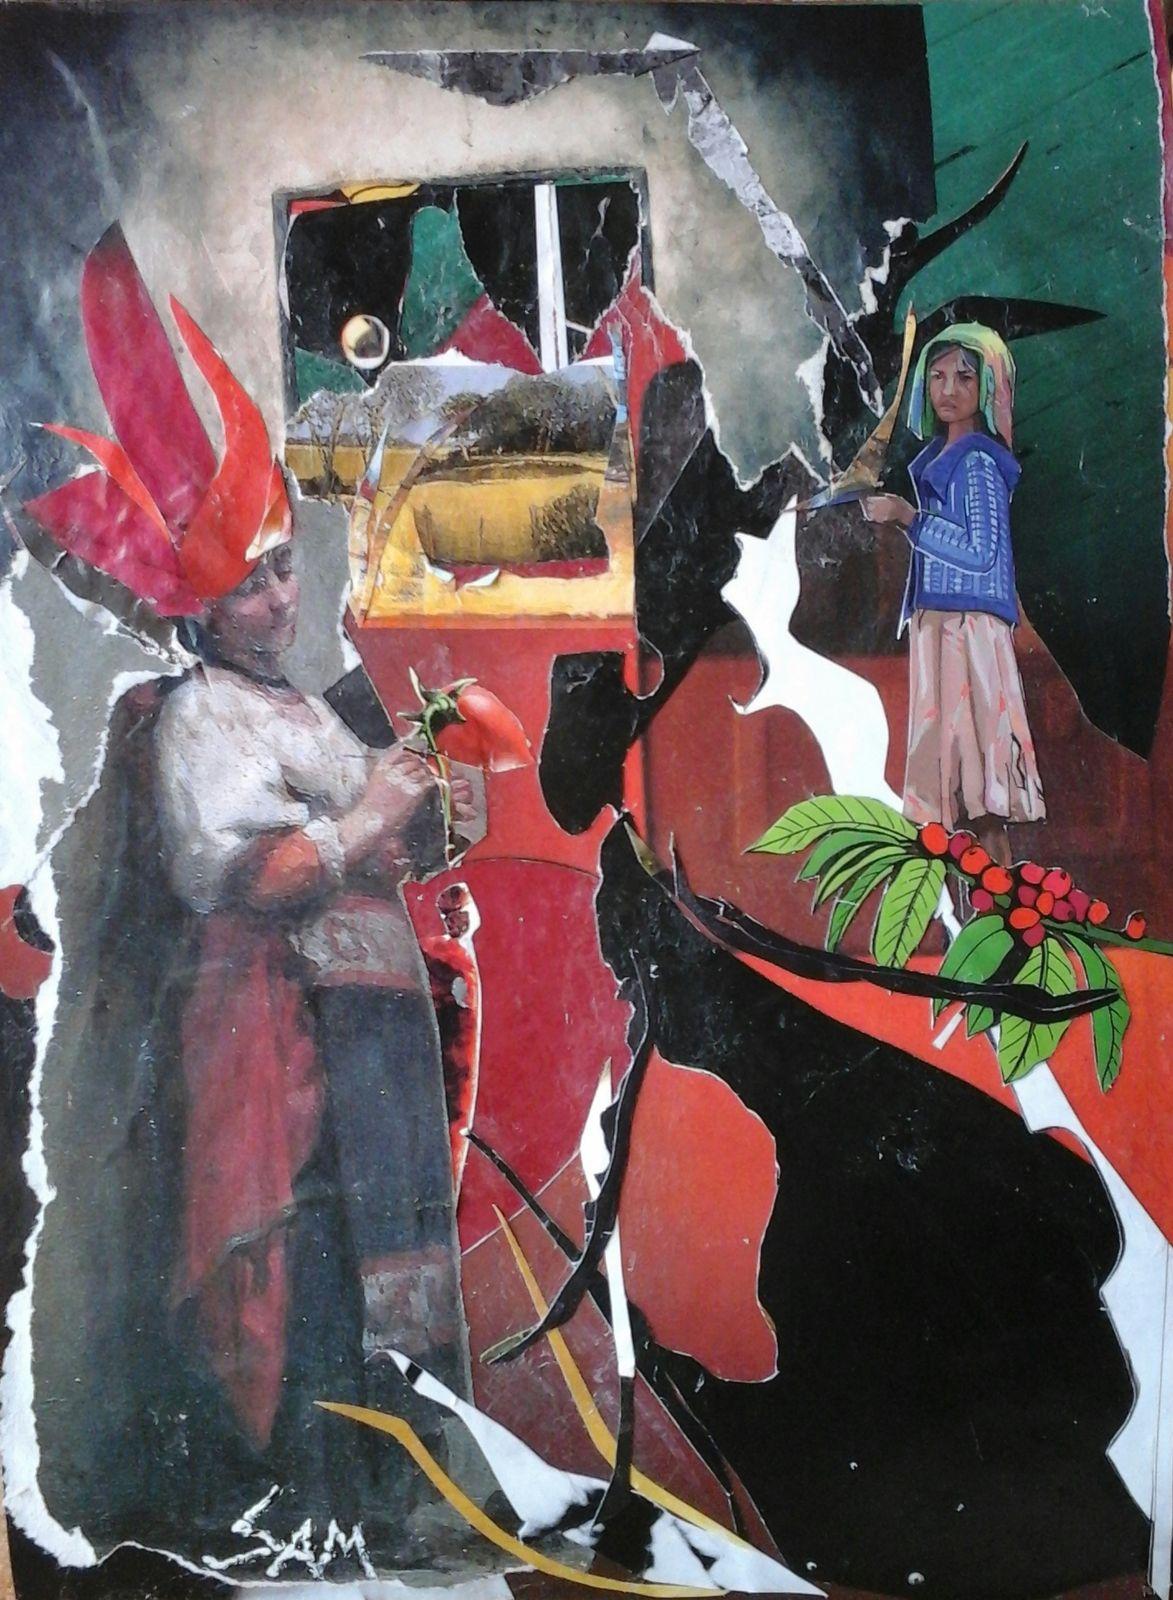 """""""  AILLEURS  """"  Composition, collage, montage papier, collé sur un support feuille cartonnée. haut 24 cm largeur 17 cm  """"  D' autres gens, une autre vie.  """""""